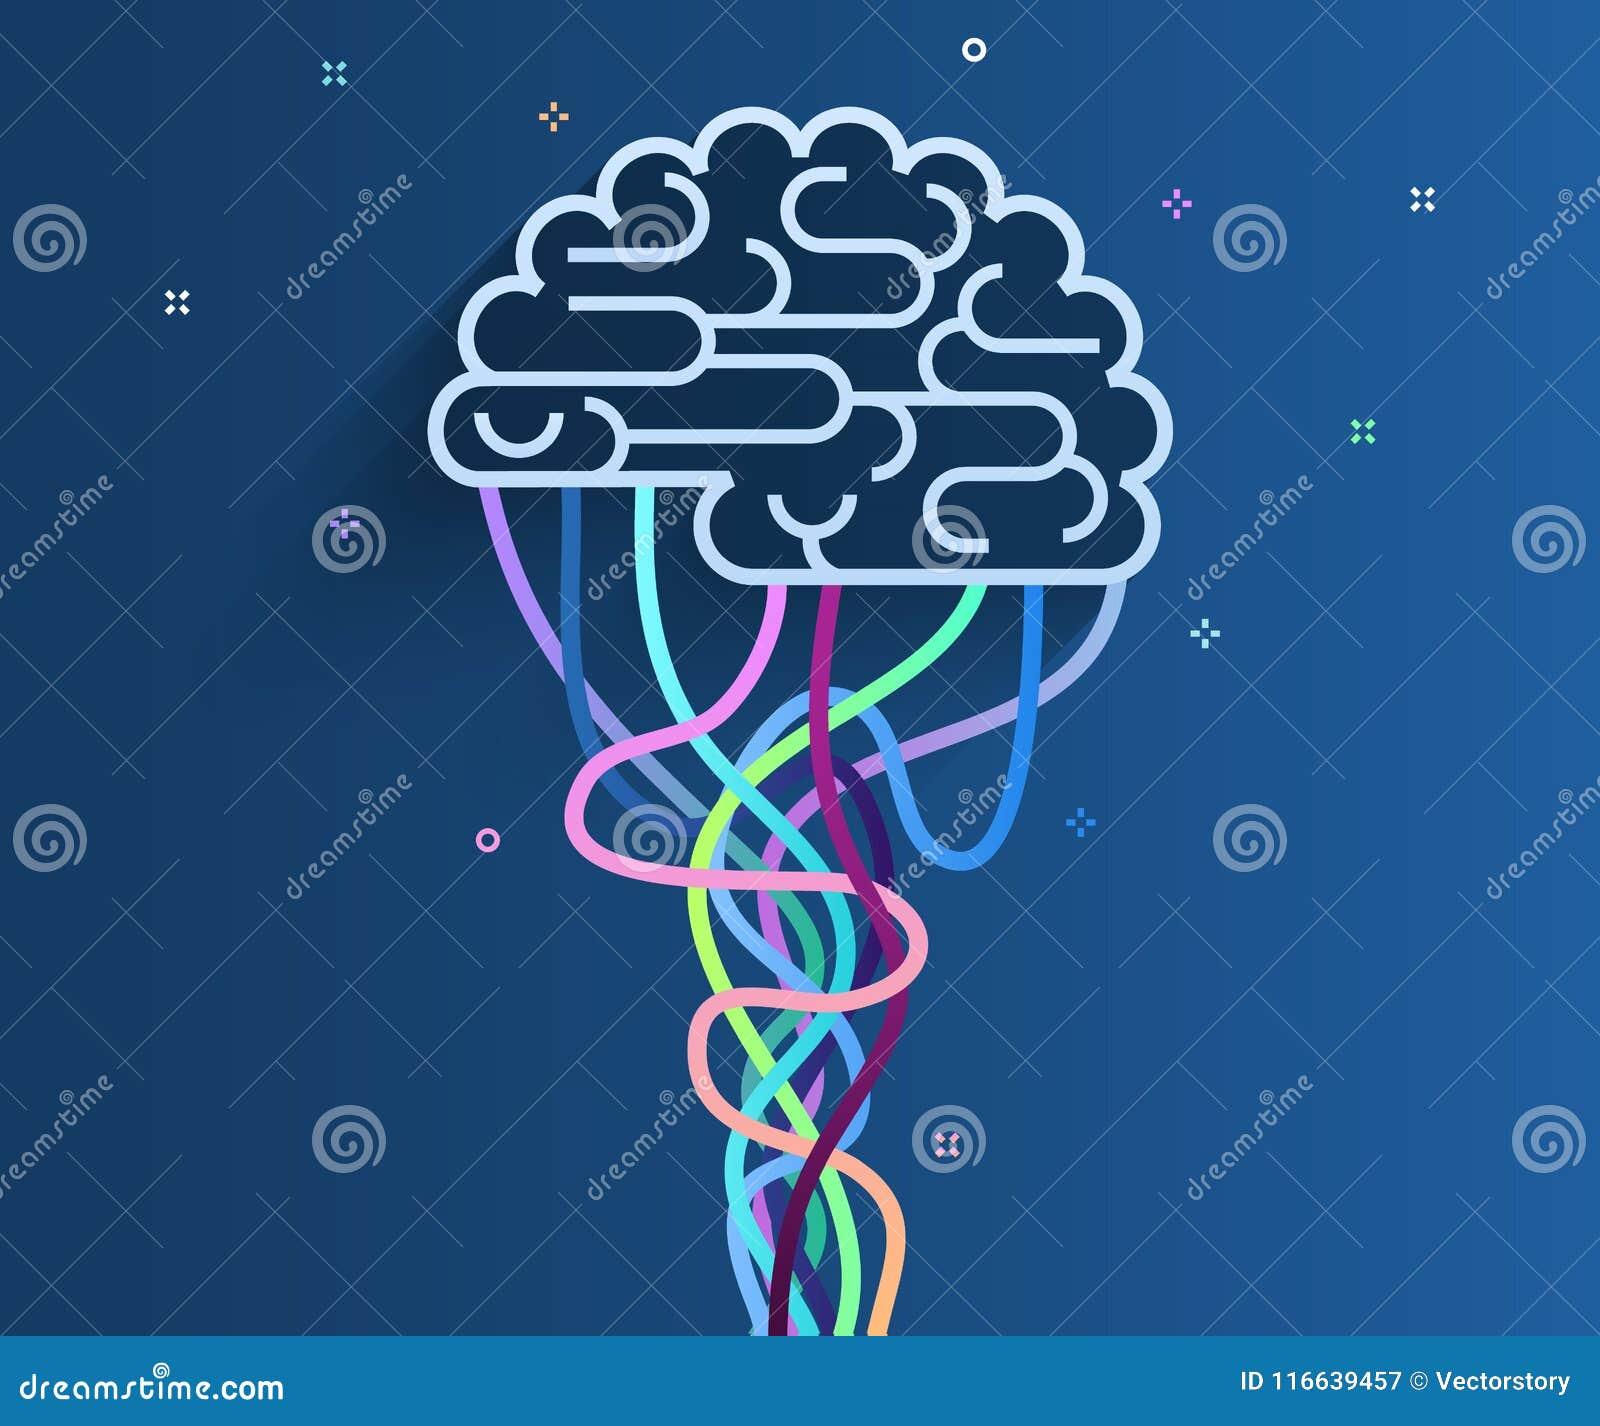 Ο εγκέφαλος συνδέεται με το δίκτυο